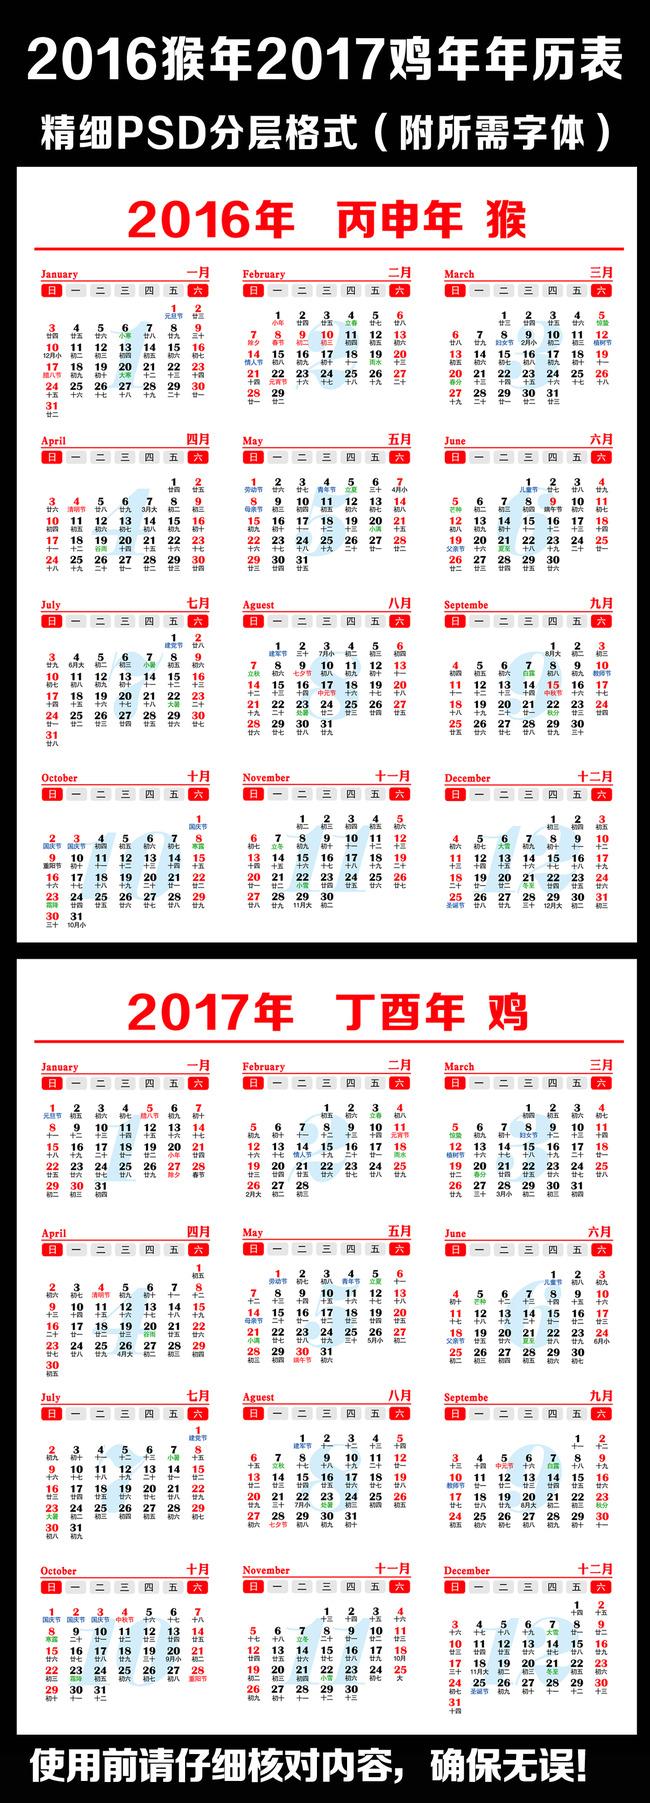 2016猴年2017鸡年日历年历表(3)图片下载2016年猴年 2017年鸡年 日历图片